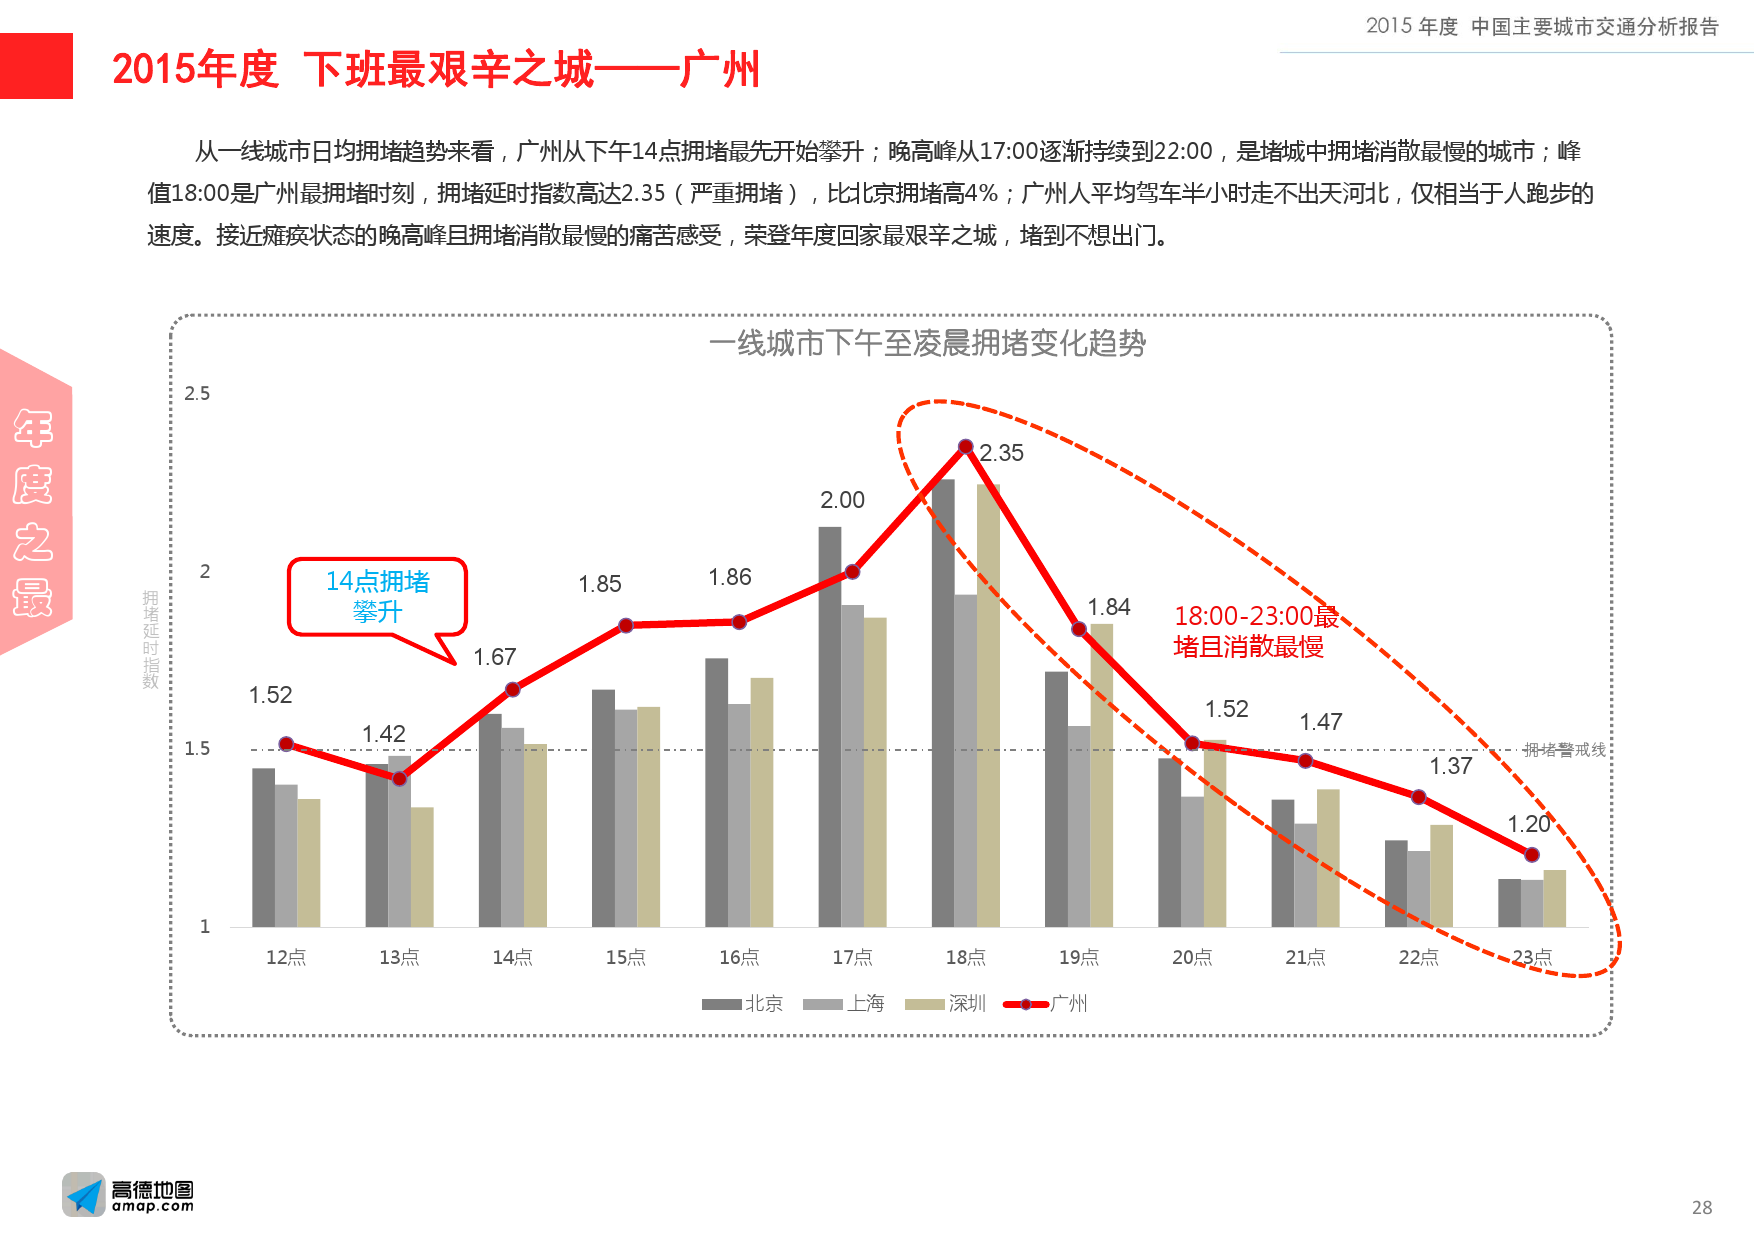 2015年度中国主要城市交通分析报告-final_000028